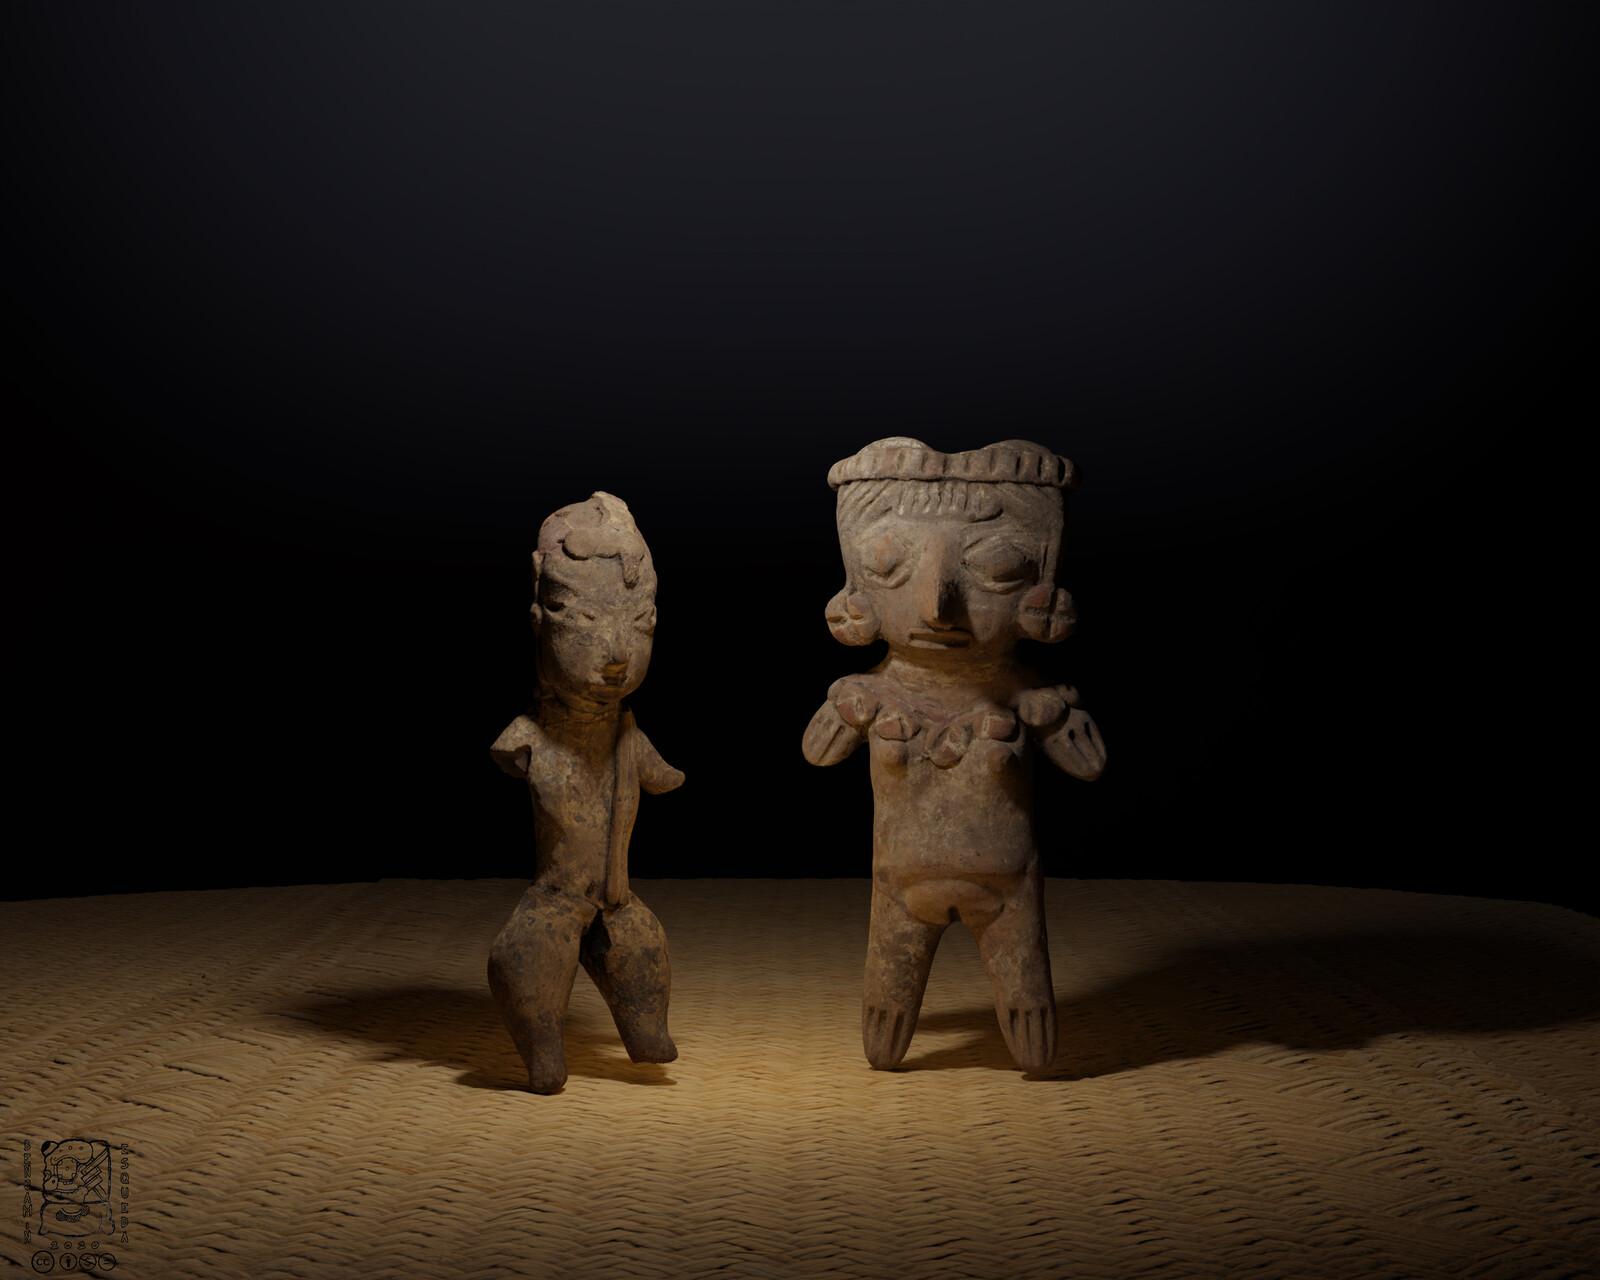 Este tipo de figurillas modeladas en barro son conocidas con el nombre de mujeres bonitas. Las mismas dan cuenta de los patrones de belleza existentes entre los grupos aldeanos asentados en los medios lacustres del valle de México.